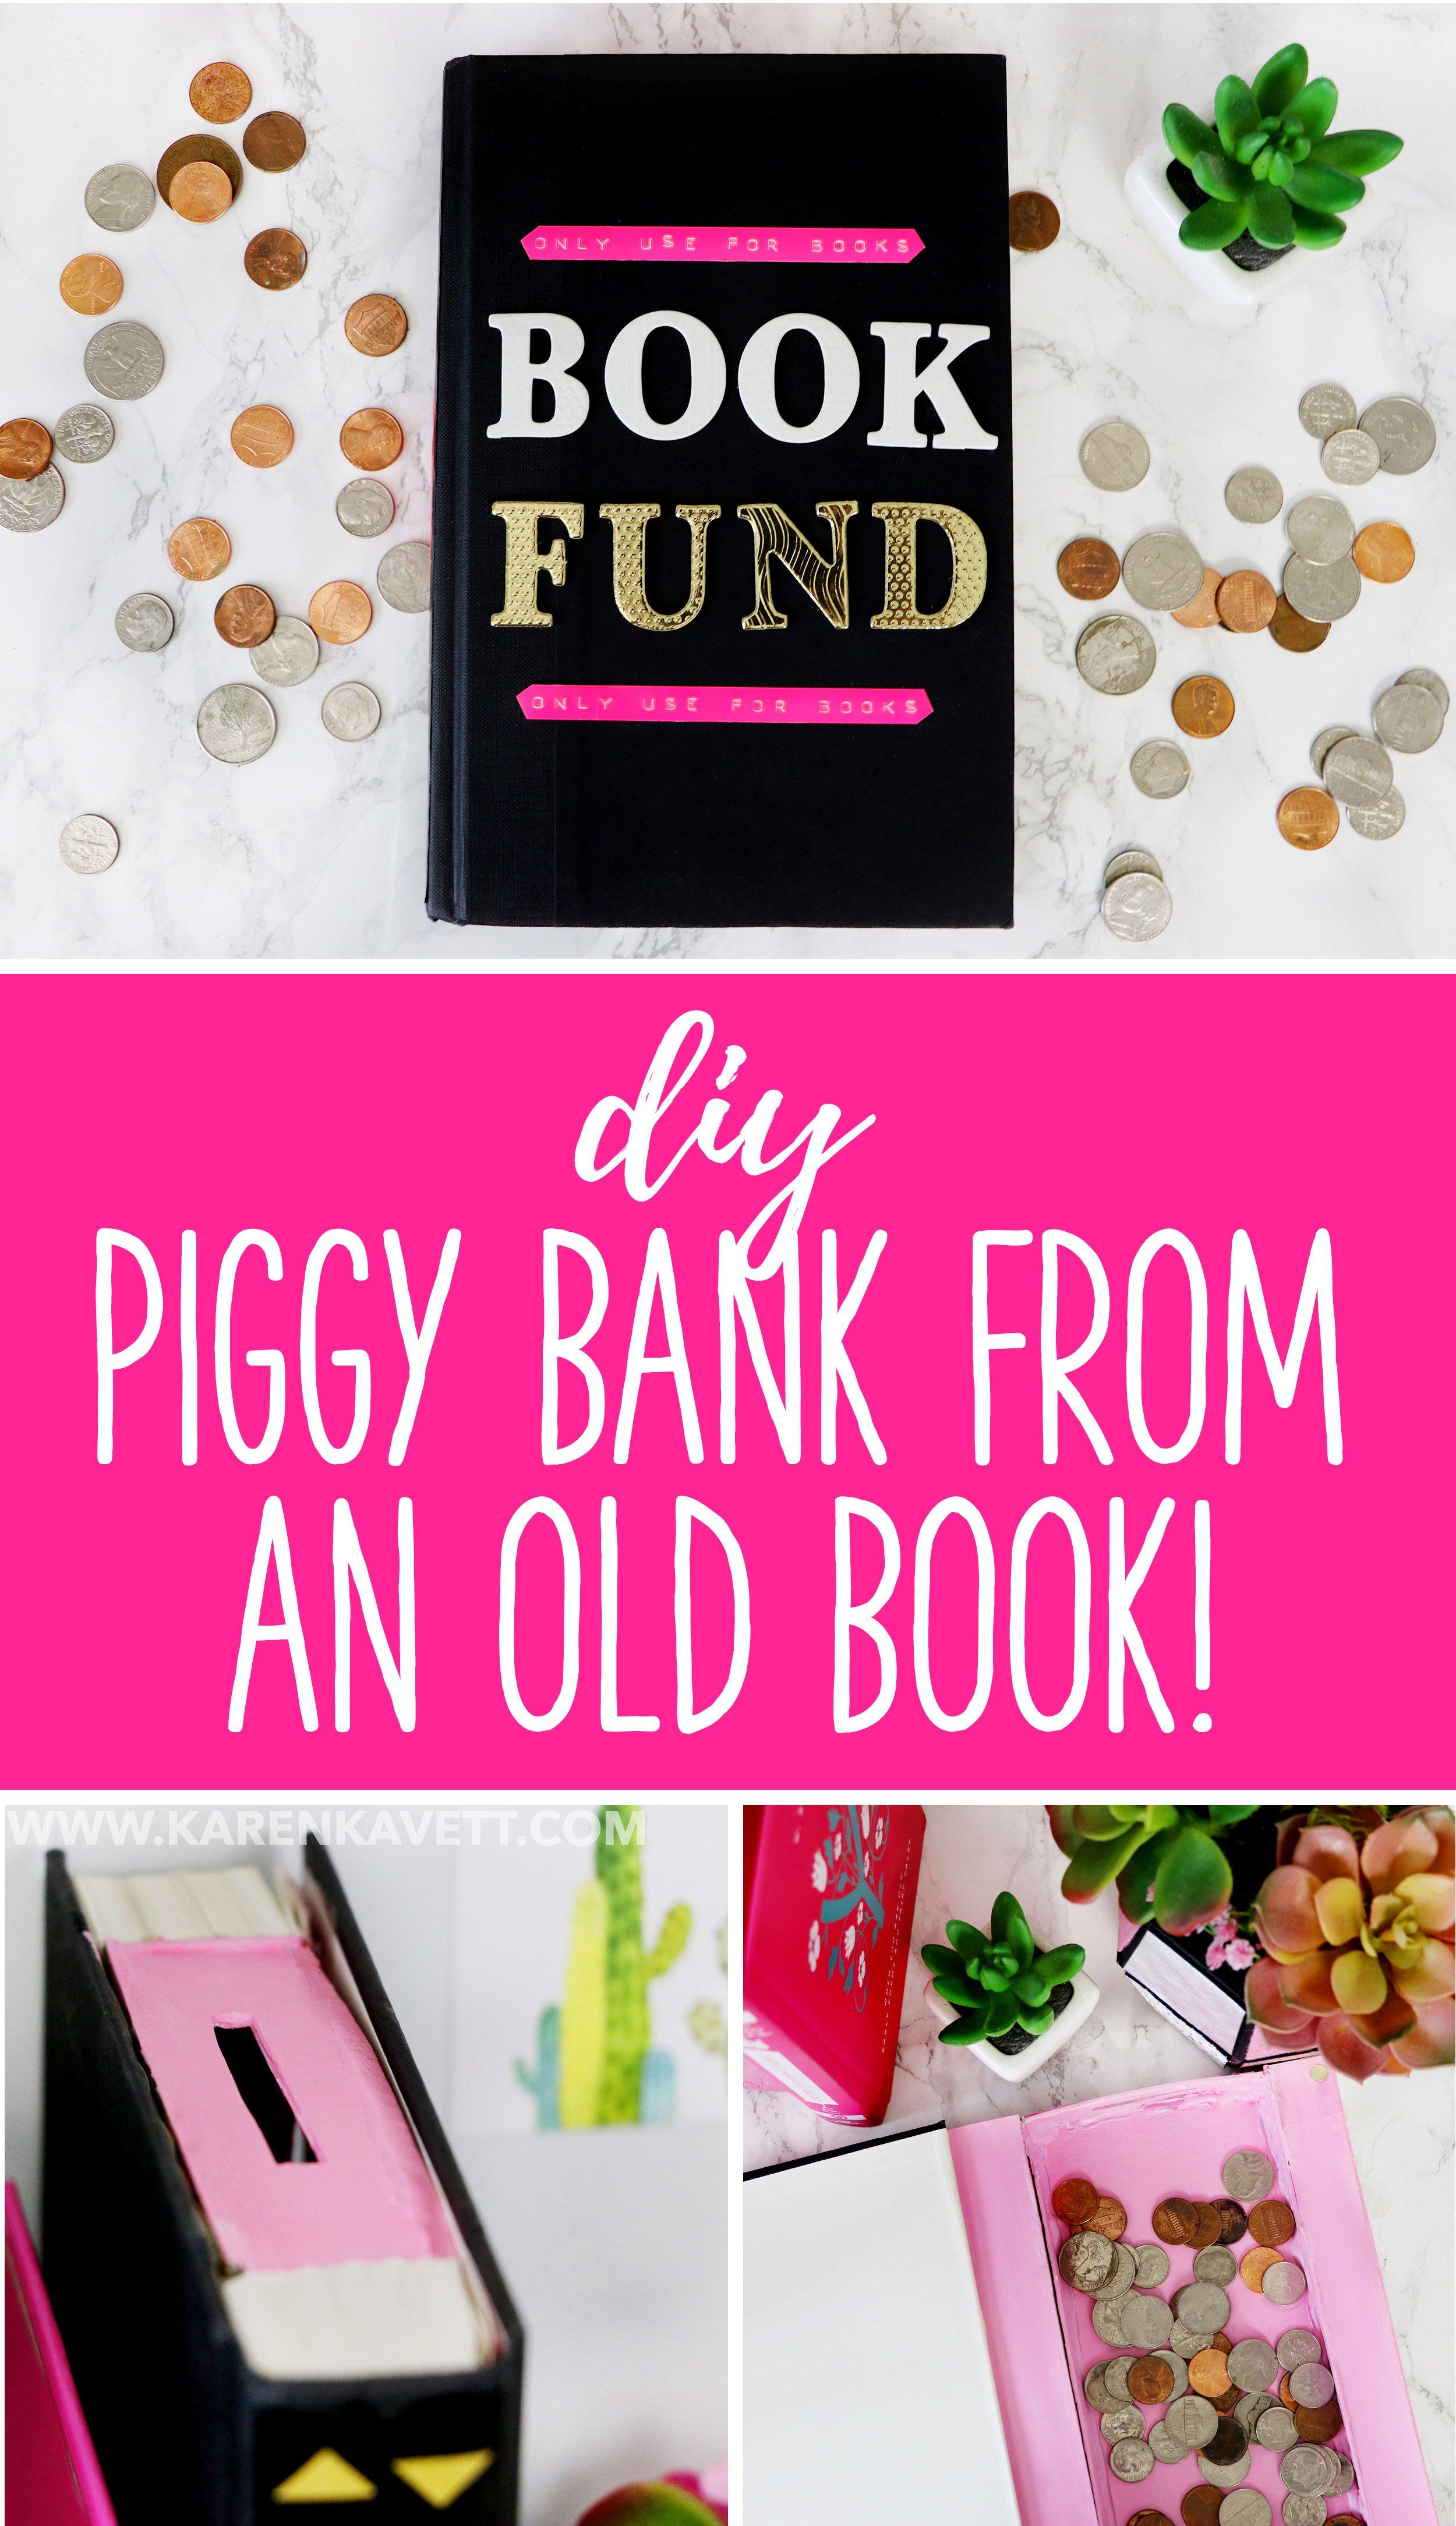 DIY Piggy Bank made from an Old Book - @karenkavett